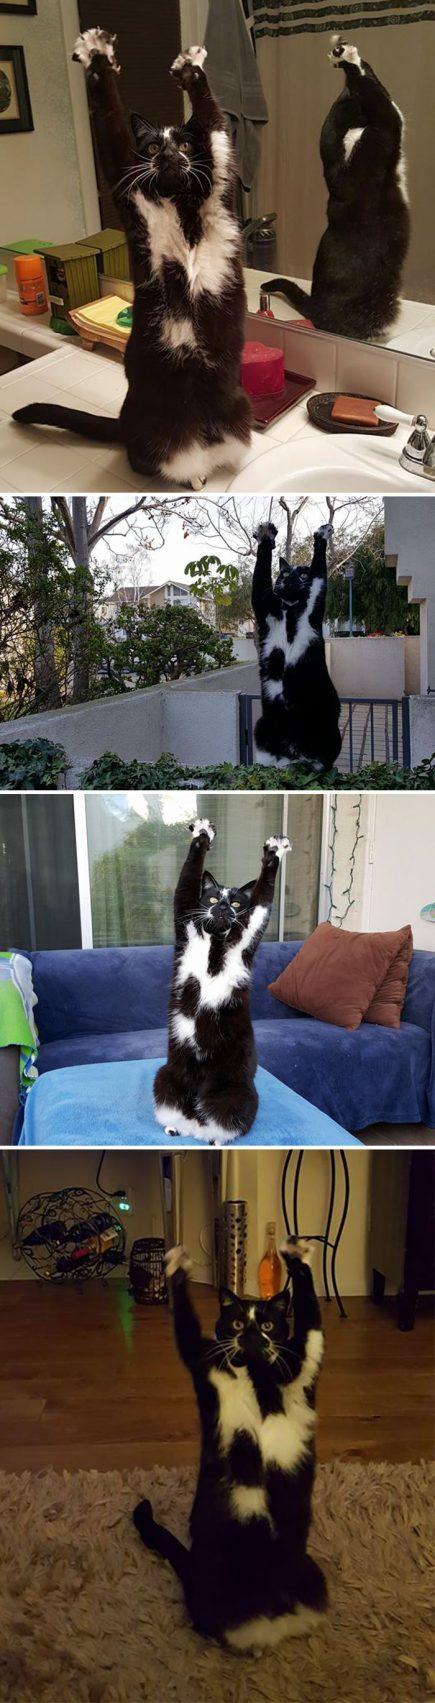 Le chat de mon ami fait comme ceci